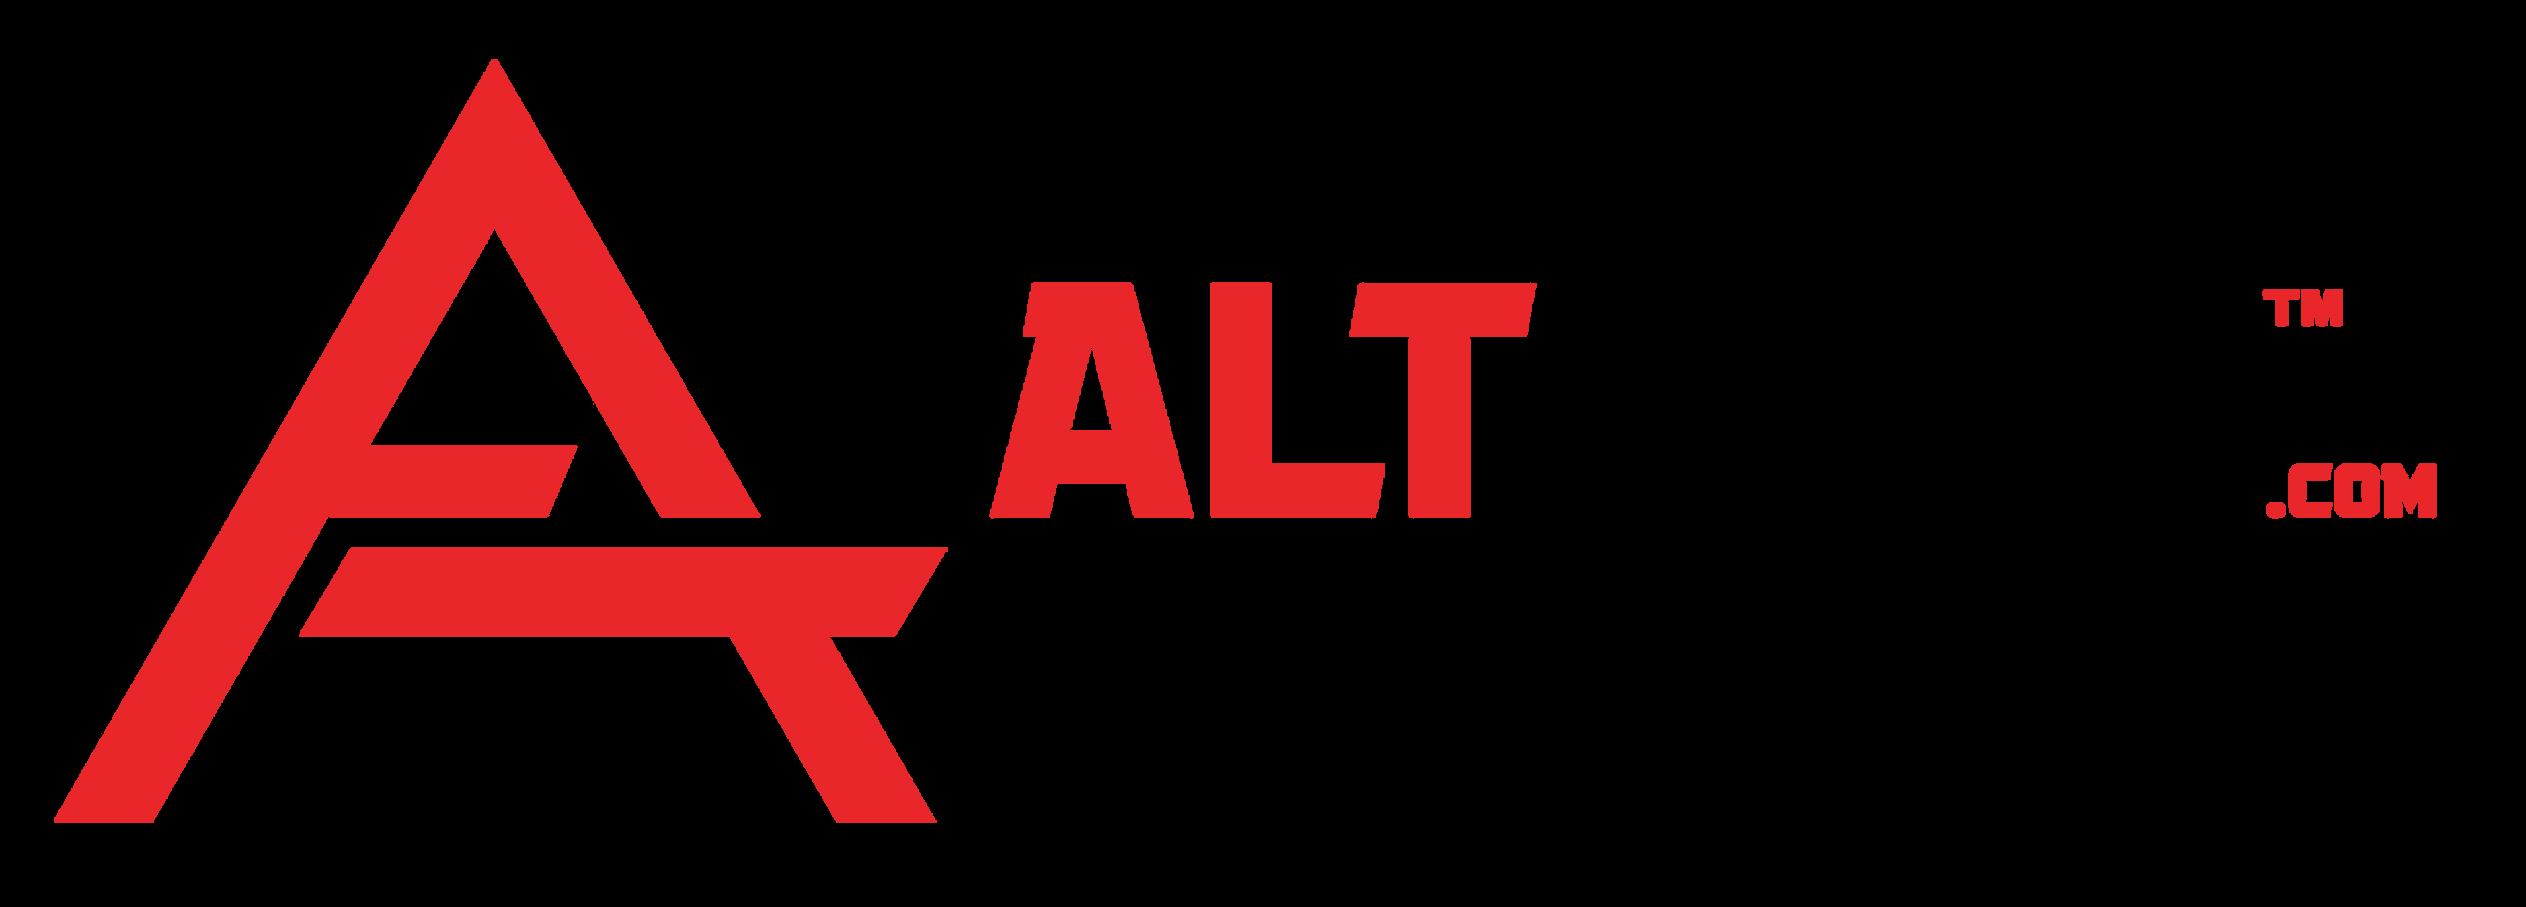 ALT1000